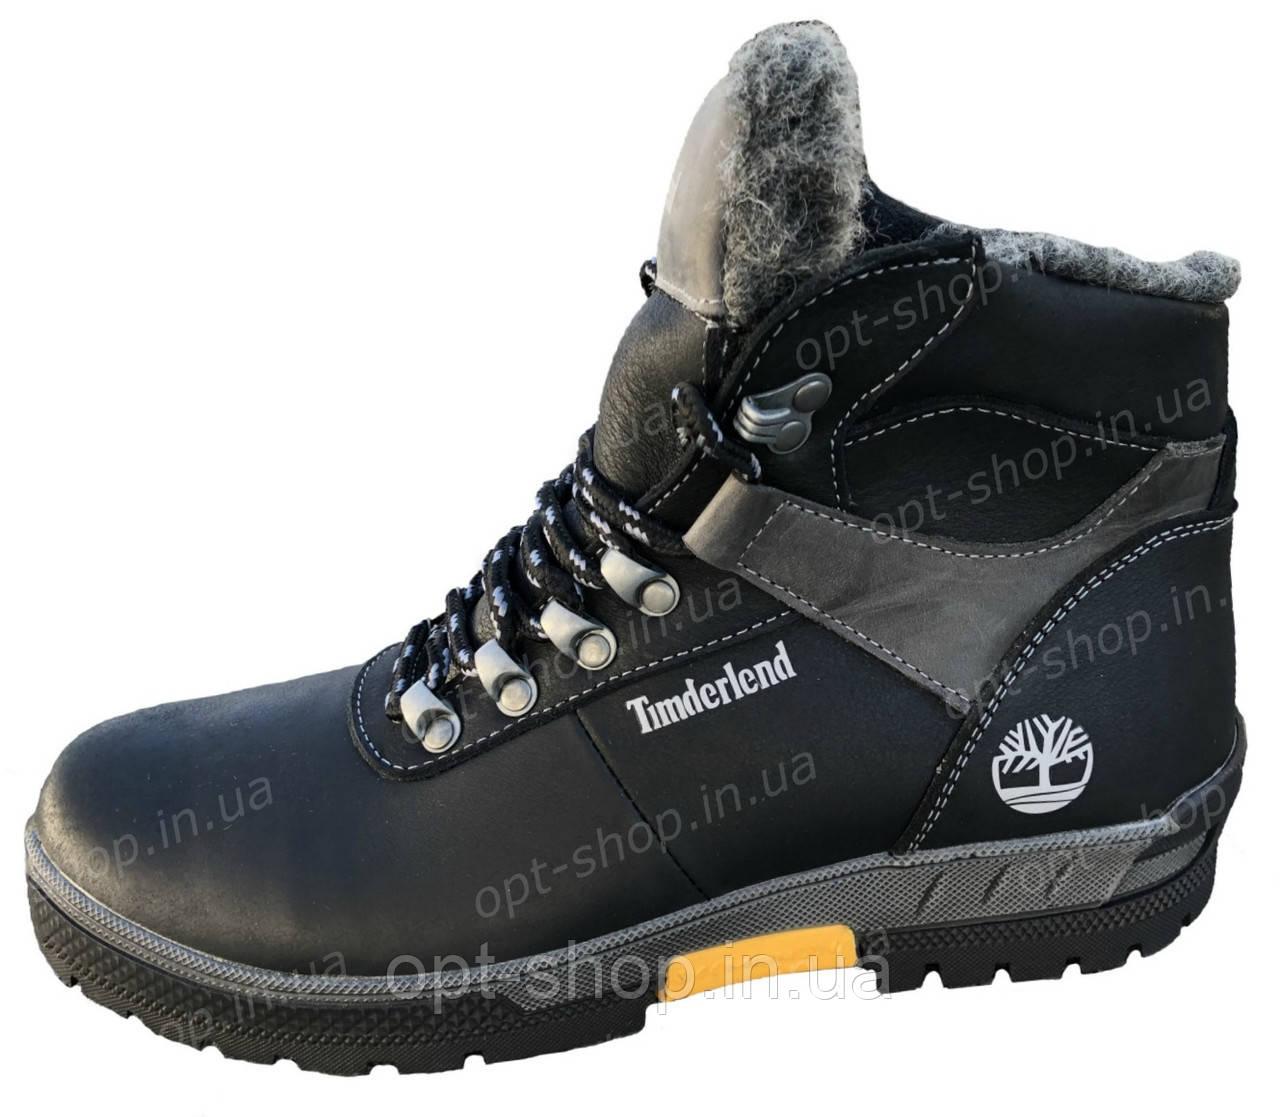 Ботинки мужские в стиле Timberland